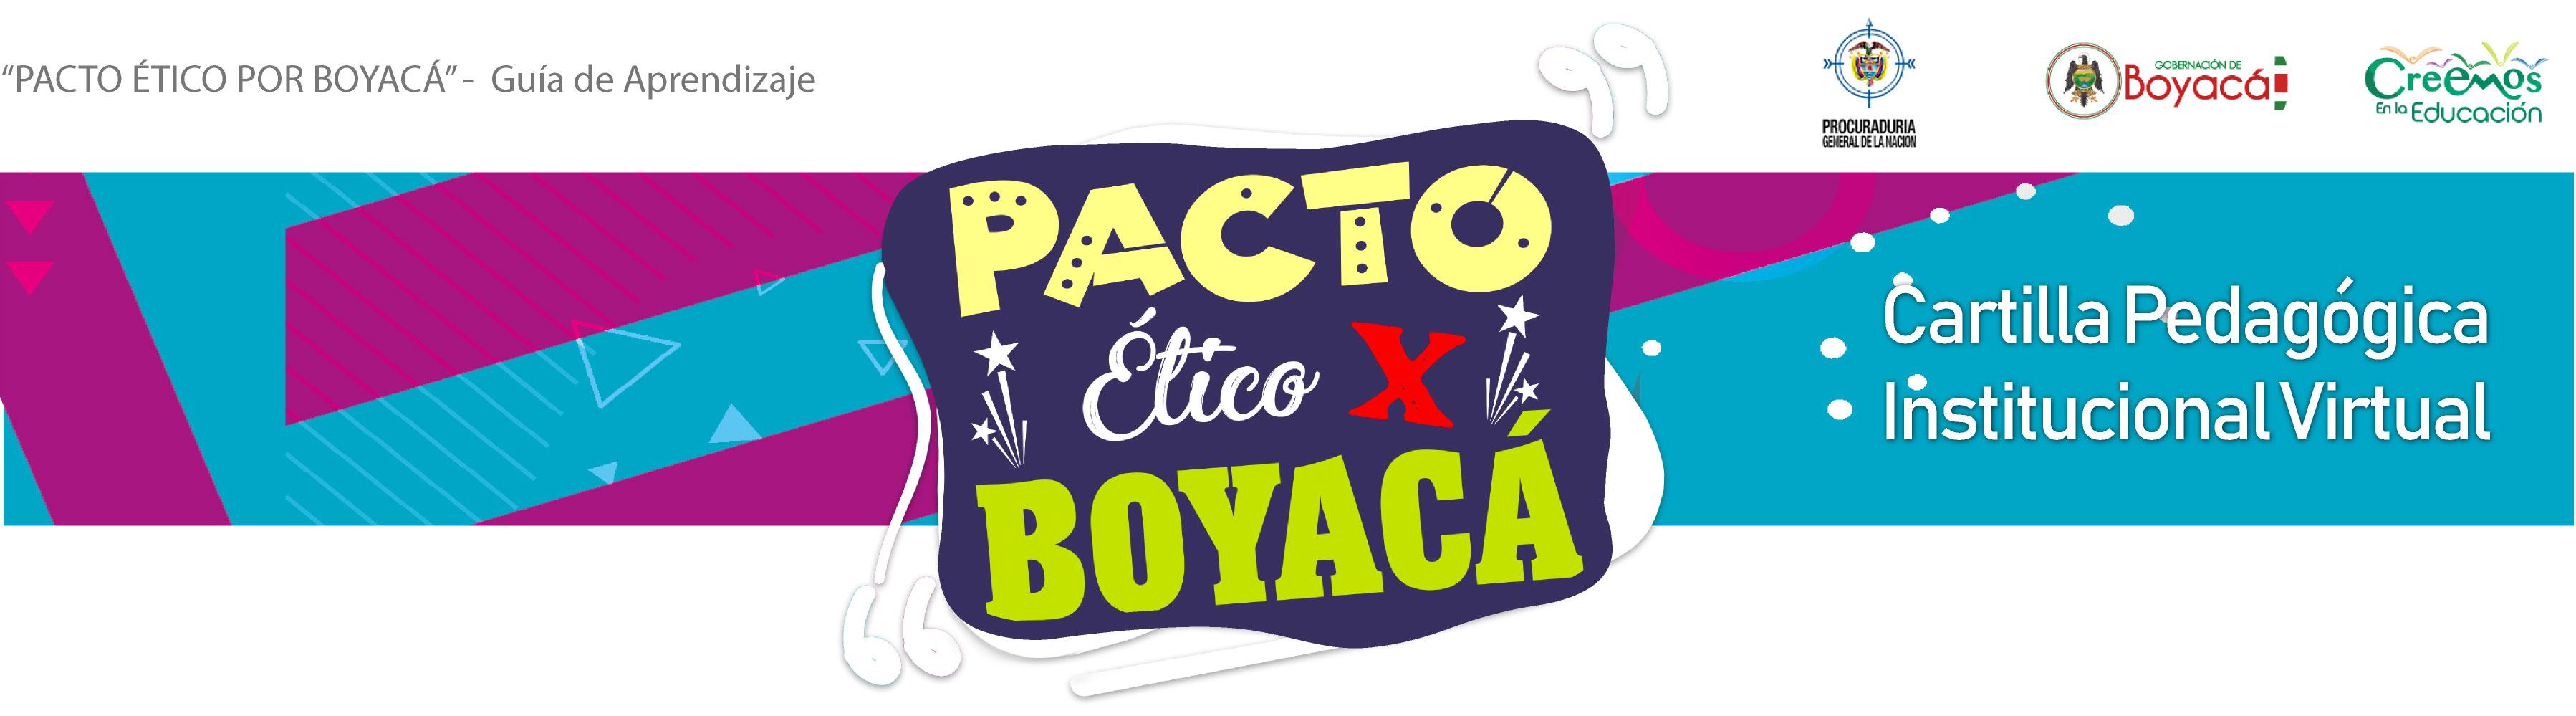 baner-top-pacto-etico-por-boyaca-v5